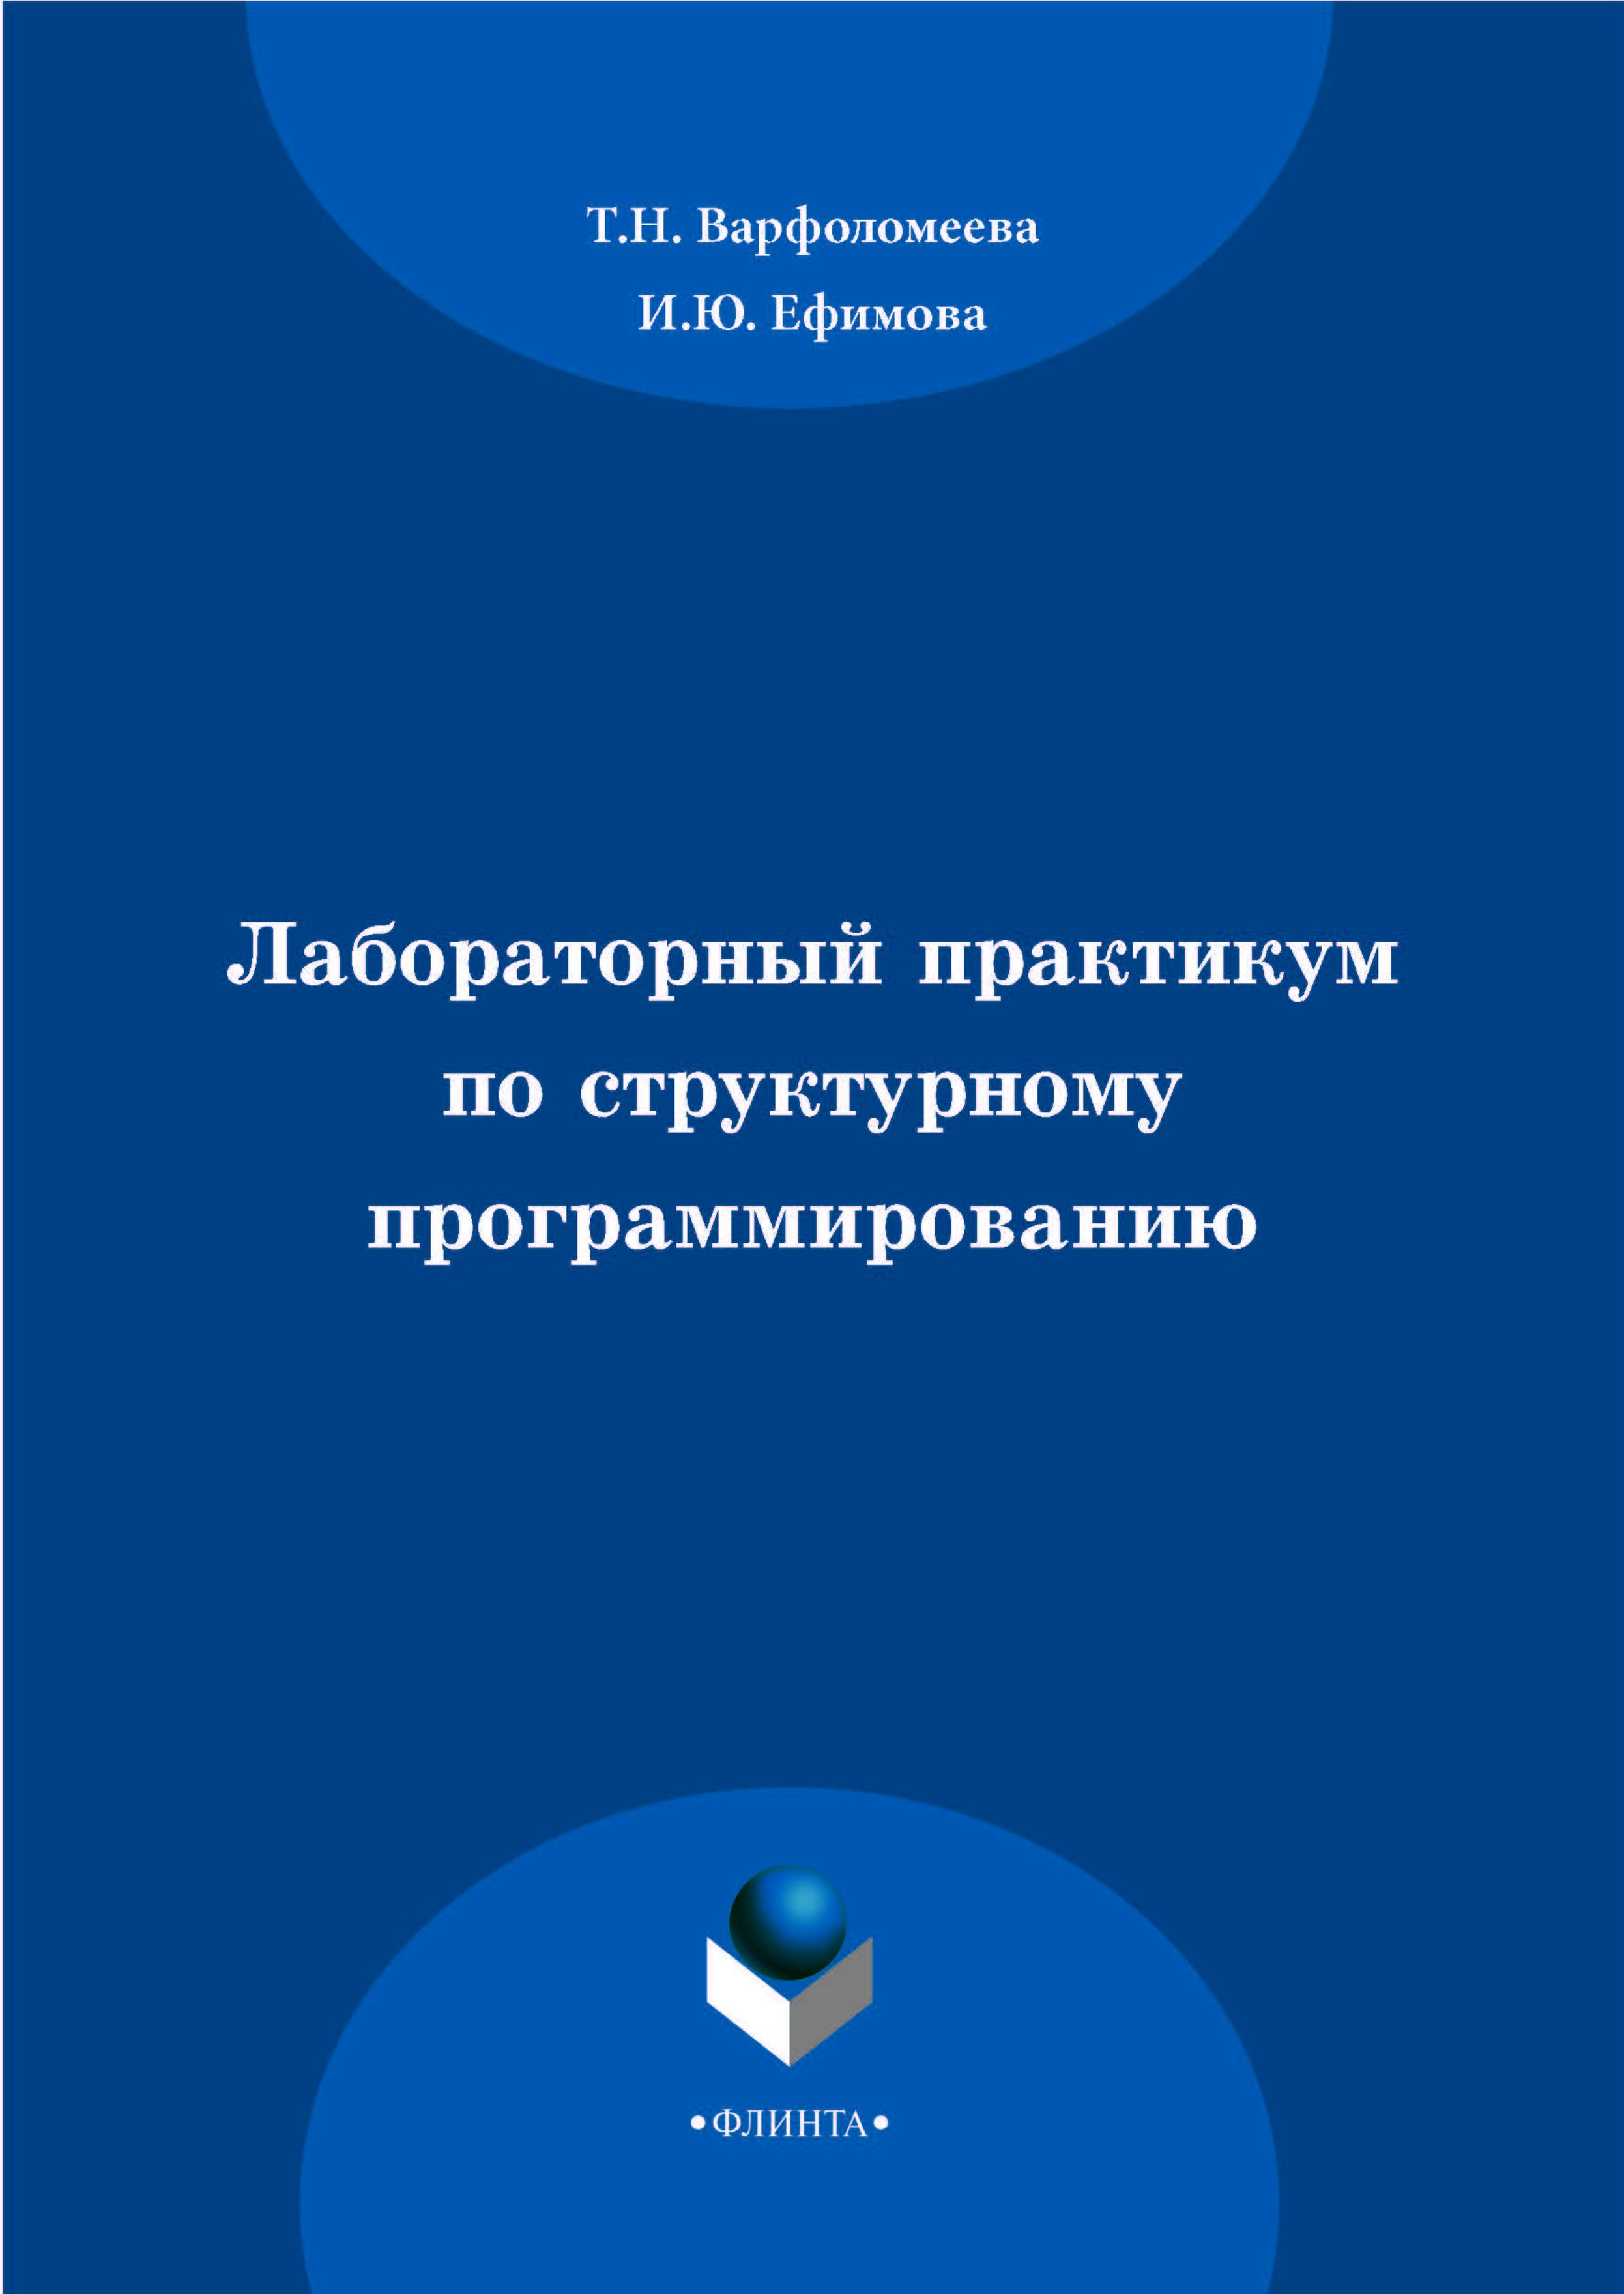 И. Ю. Ефимова Лабораторный практикум по структурному программированию аляев ю практикум по алгоритмизации и программированию на языке паскаль